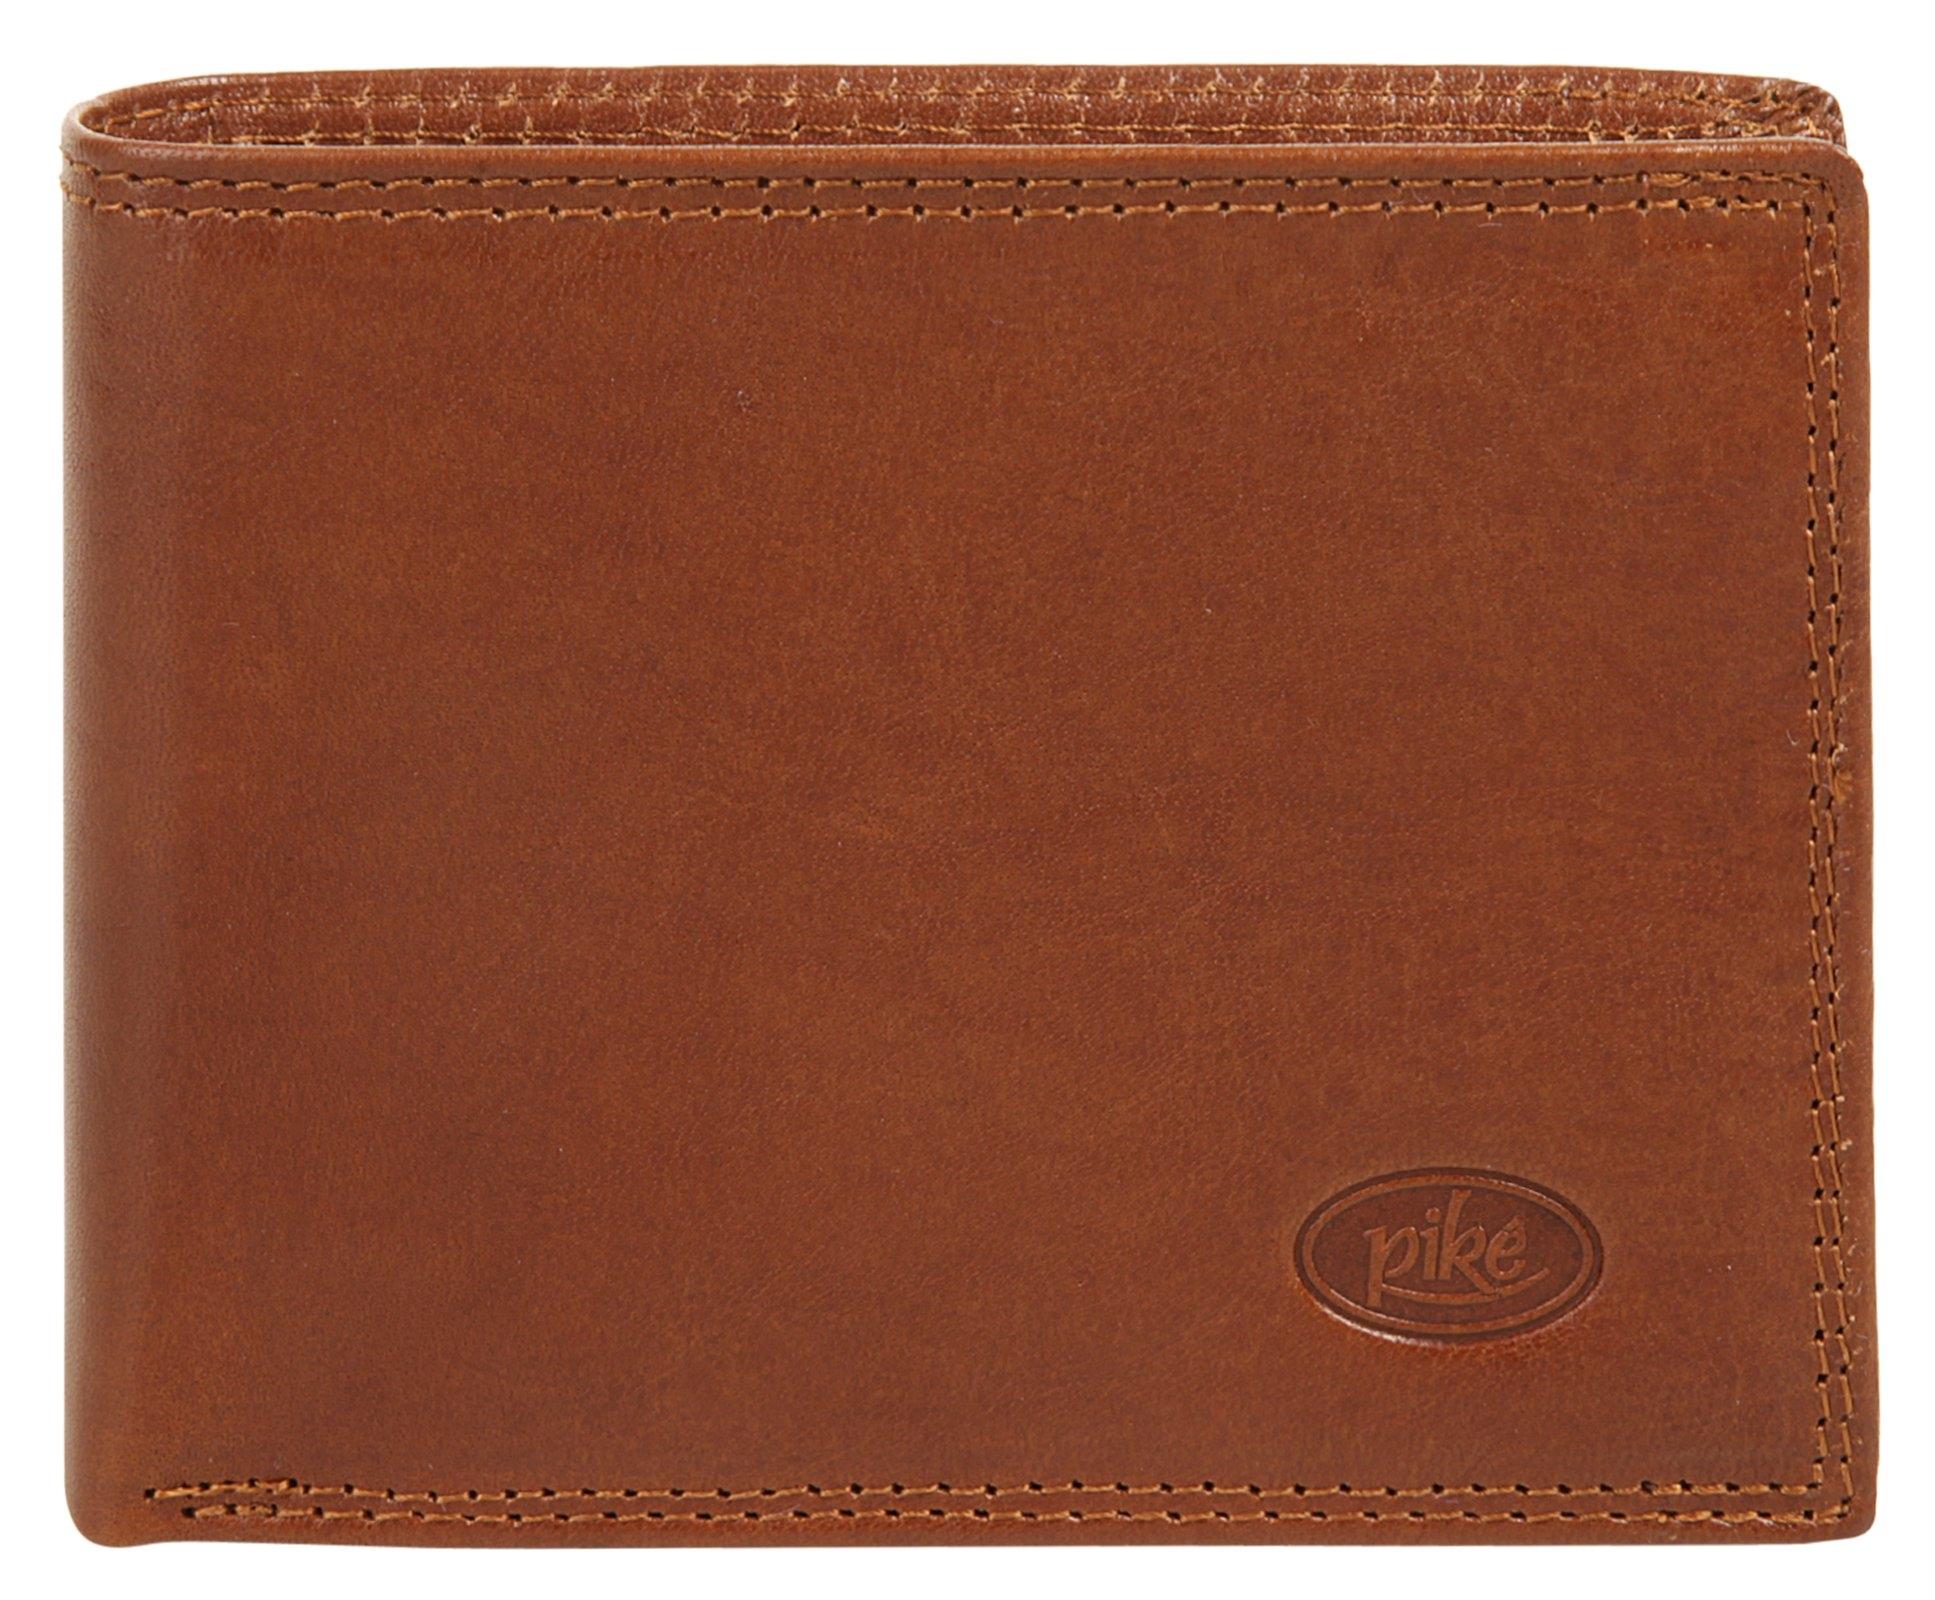 Piké portemonnee tweevoudig inklapbaar (1-delig) bestellen: 30 dagen bedenktijd